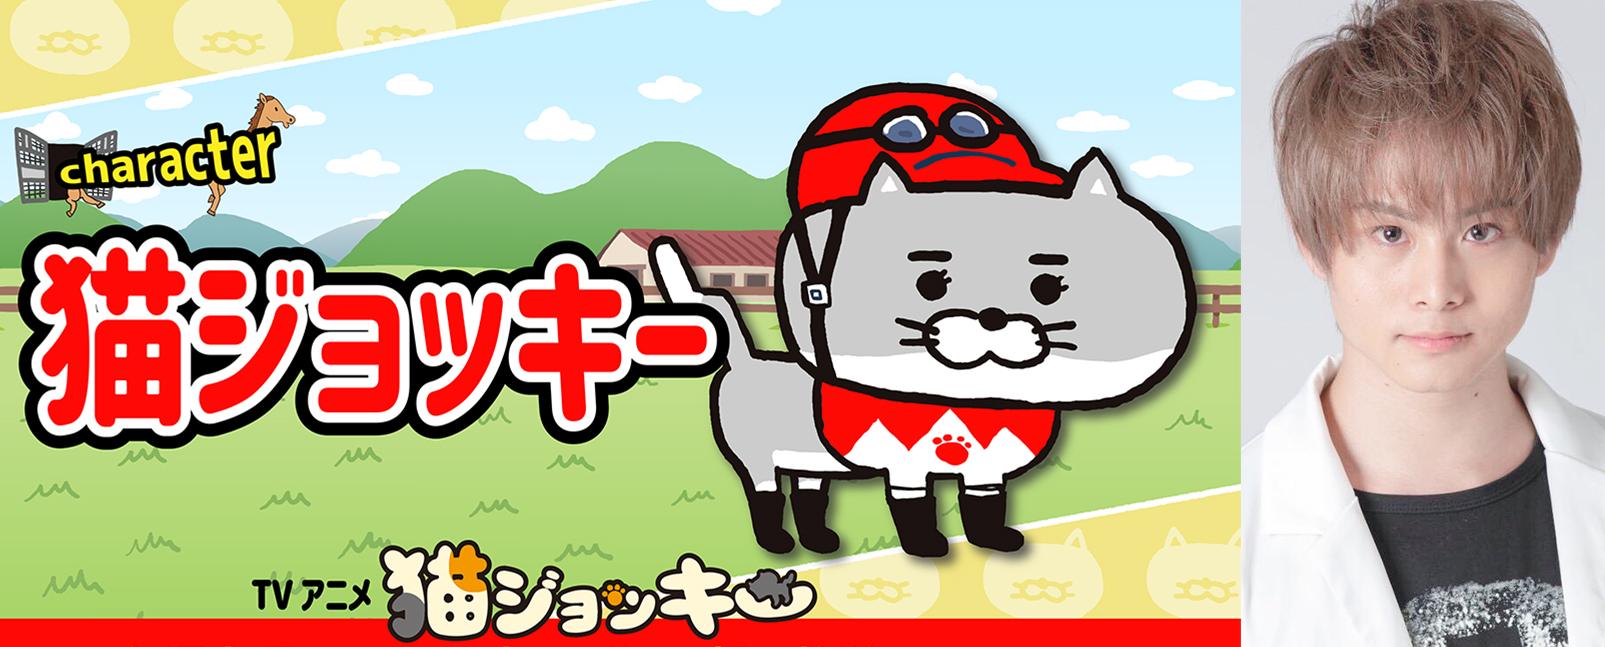 猫ジョッキー湯浅.png